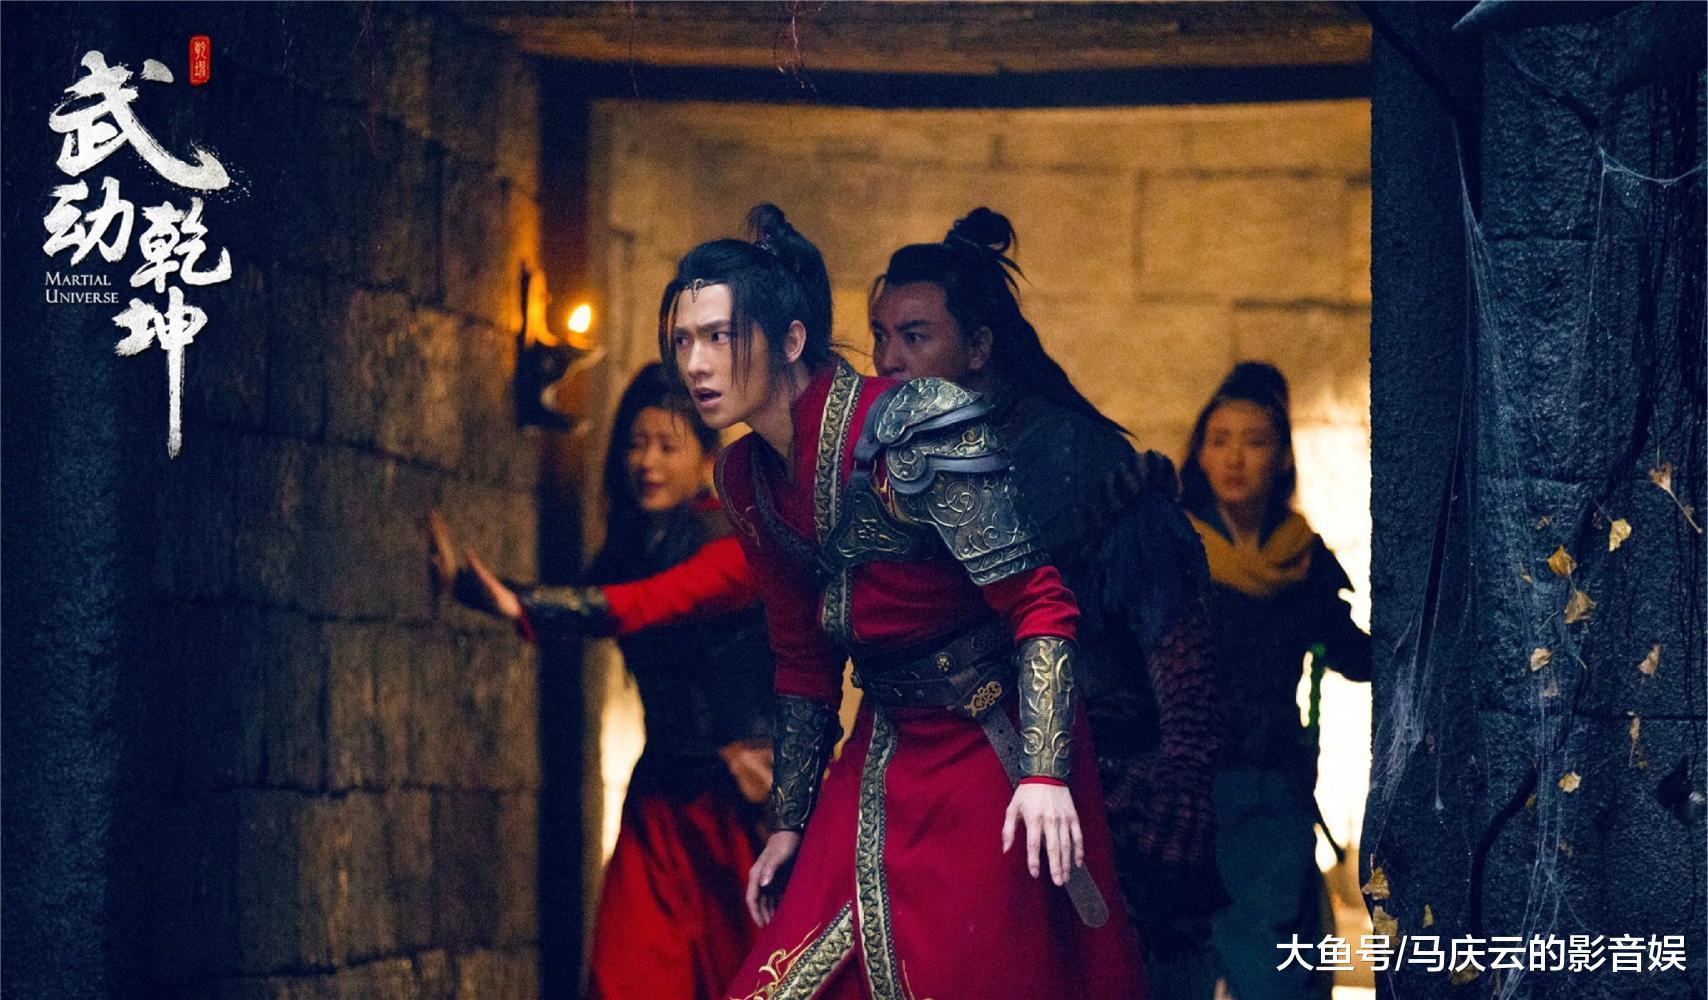 《武动乾坤》收视率与网播量全扑街, 原著迷与张黎导演粉均不满意